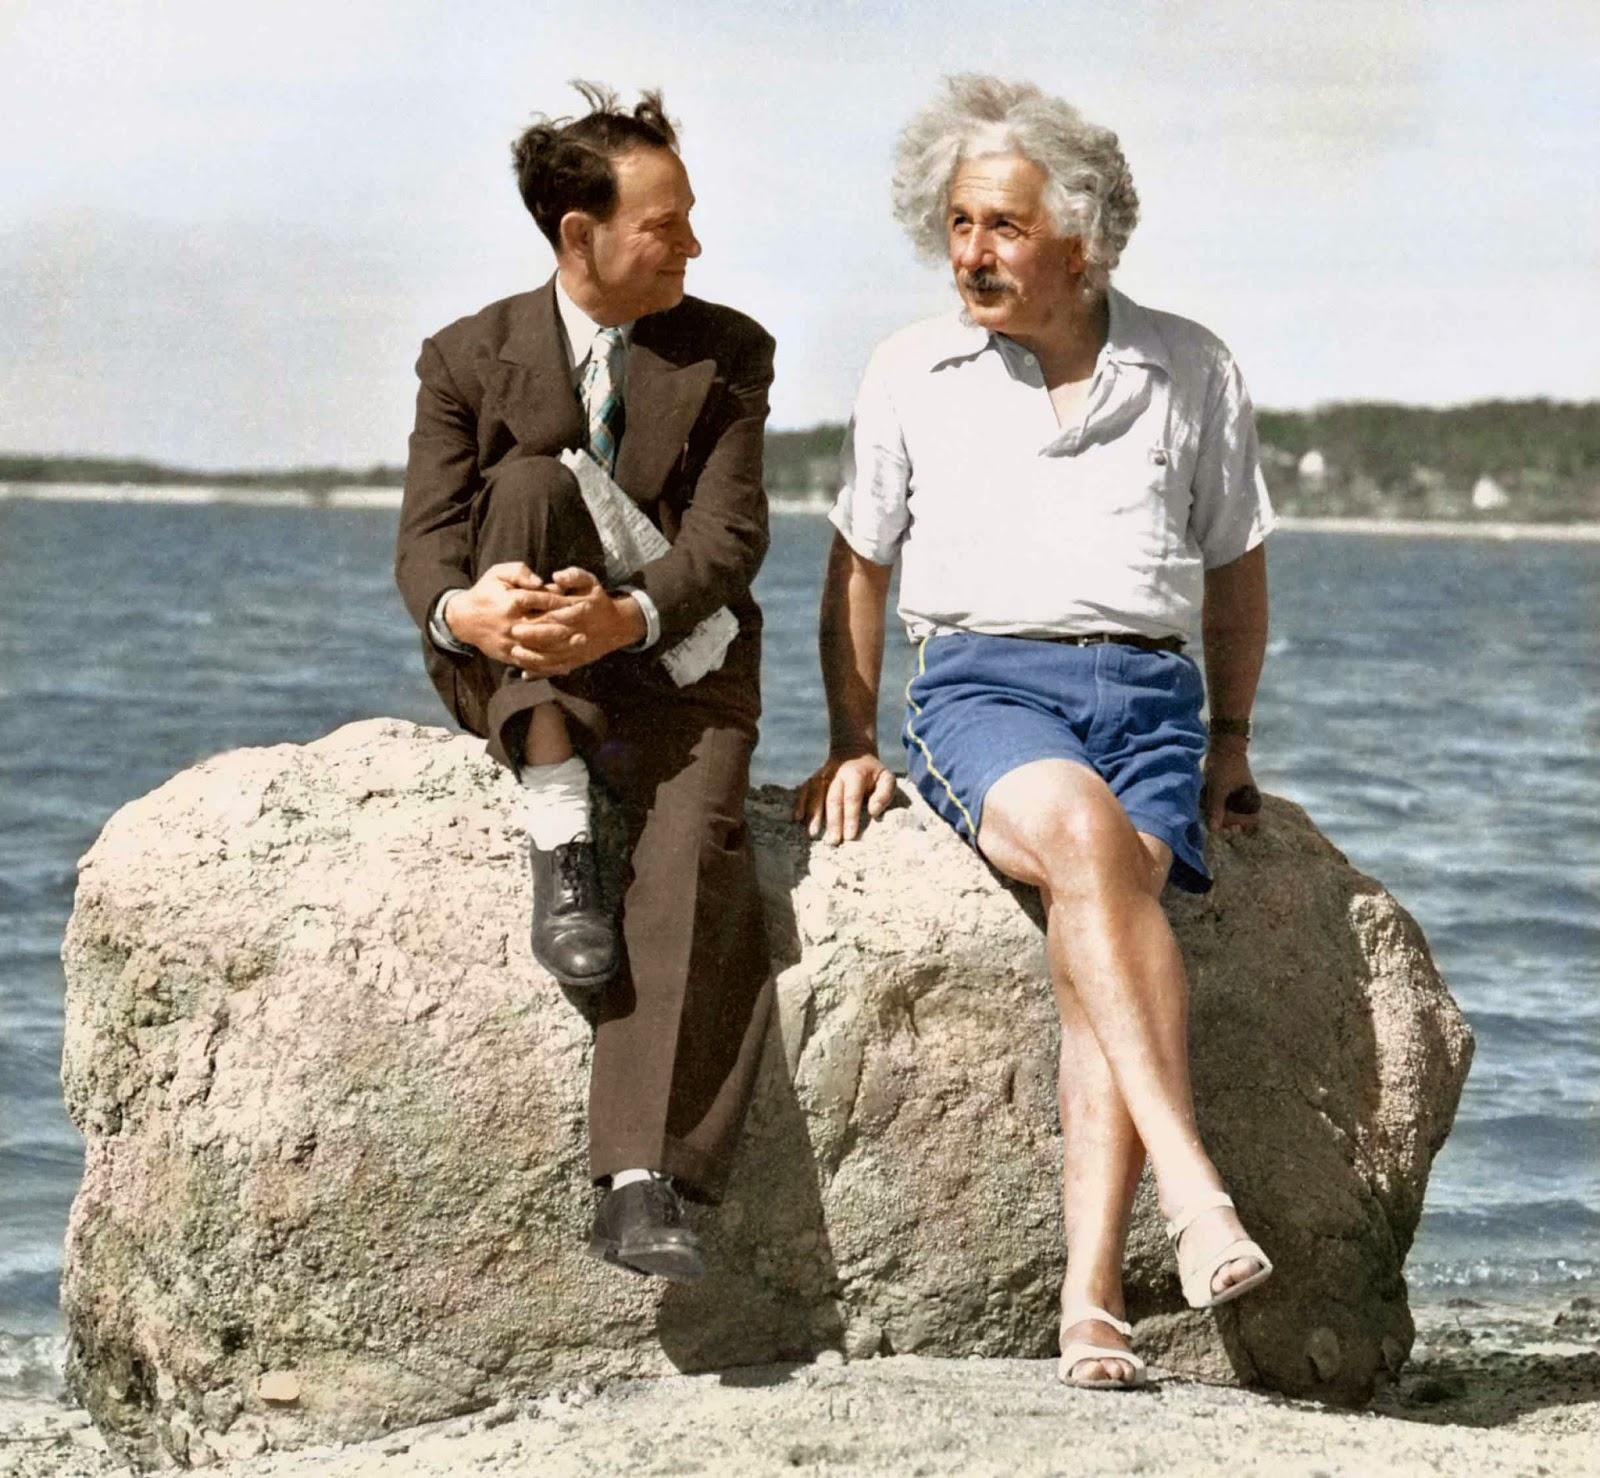 David Rothman estaba en su ropa de trabajo y Albert Einstein estaba vestido para la playa cuando posaron en esta roca en Horseshoe Cove en Nassau Point en el verano de 1939.